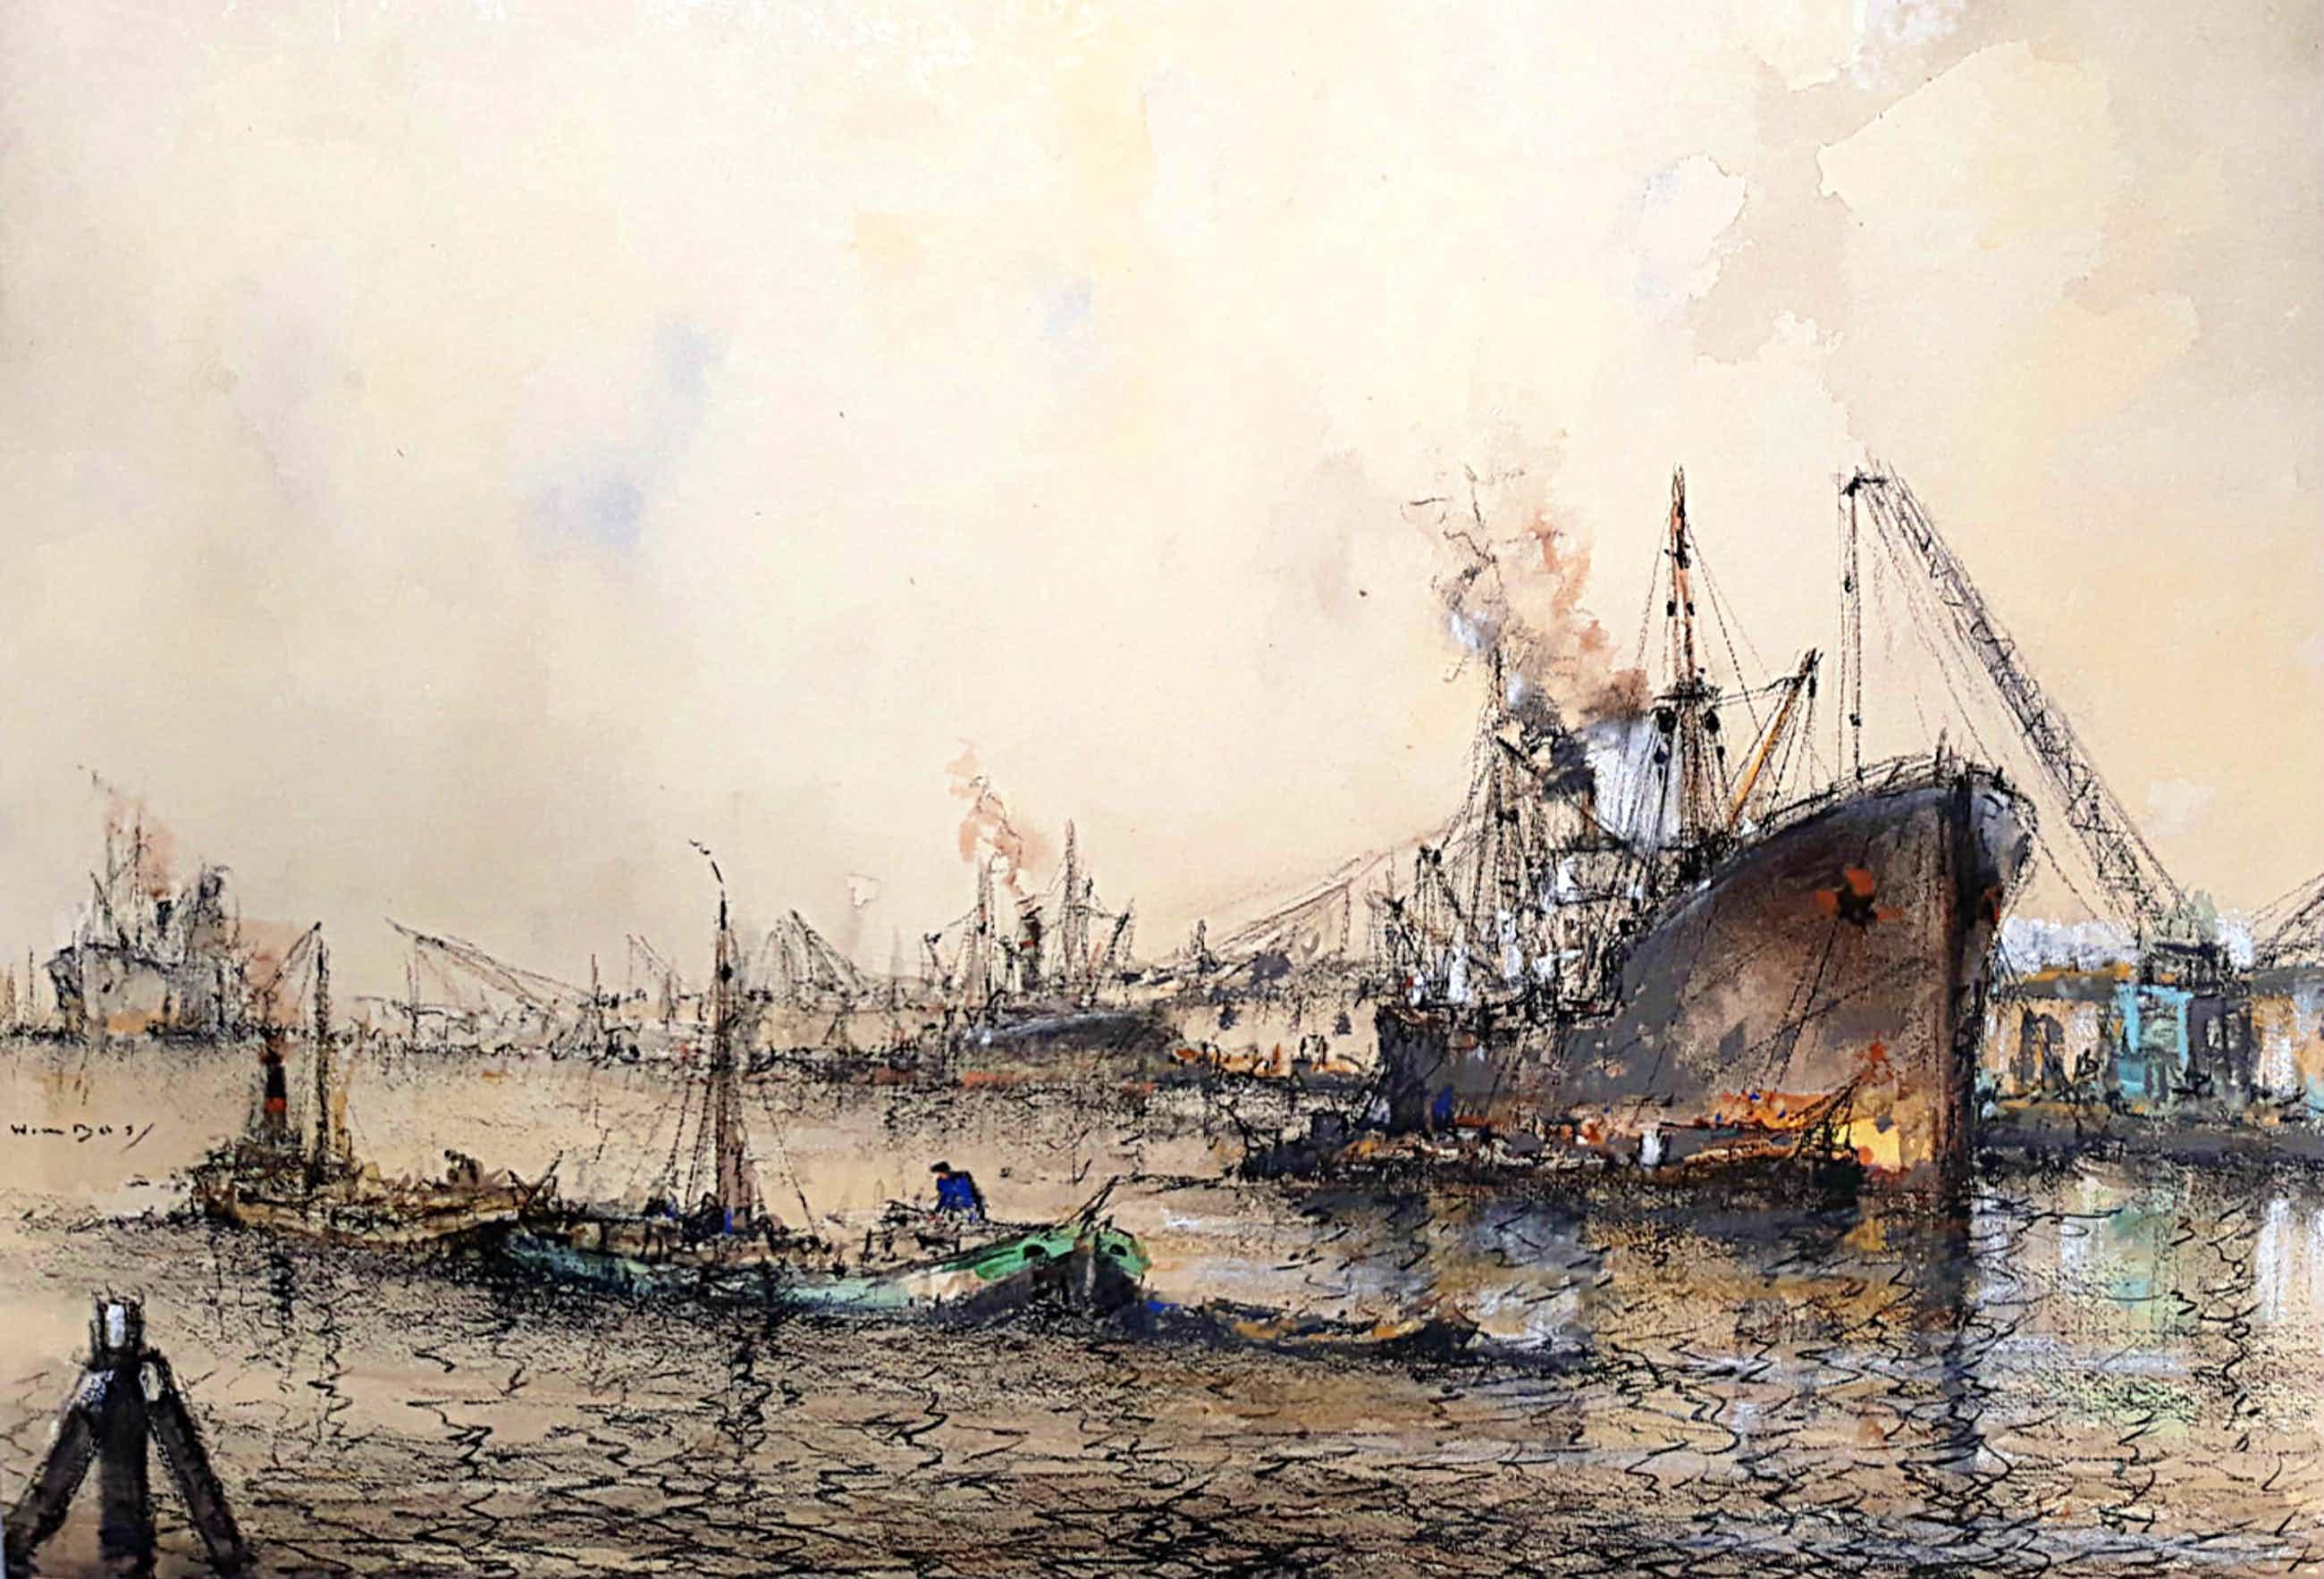 Willem Bos - Overslag in de haven, gemengde techniek (mooi ingelijst, groot) kopen? Bied vanaf 250!